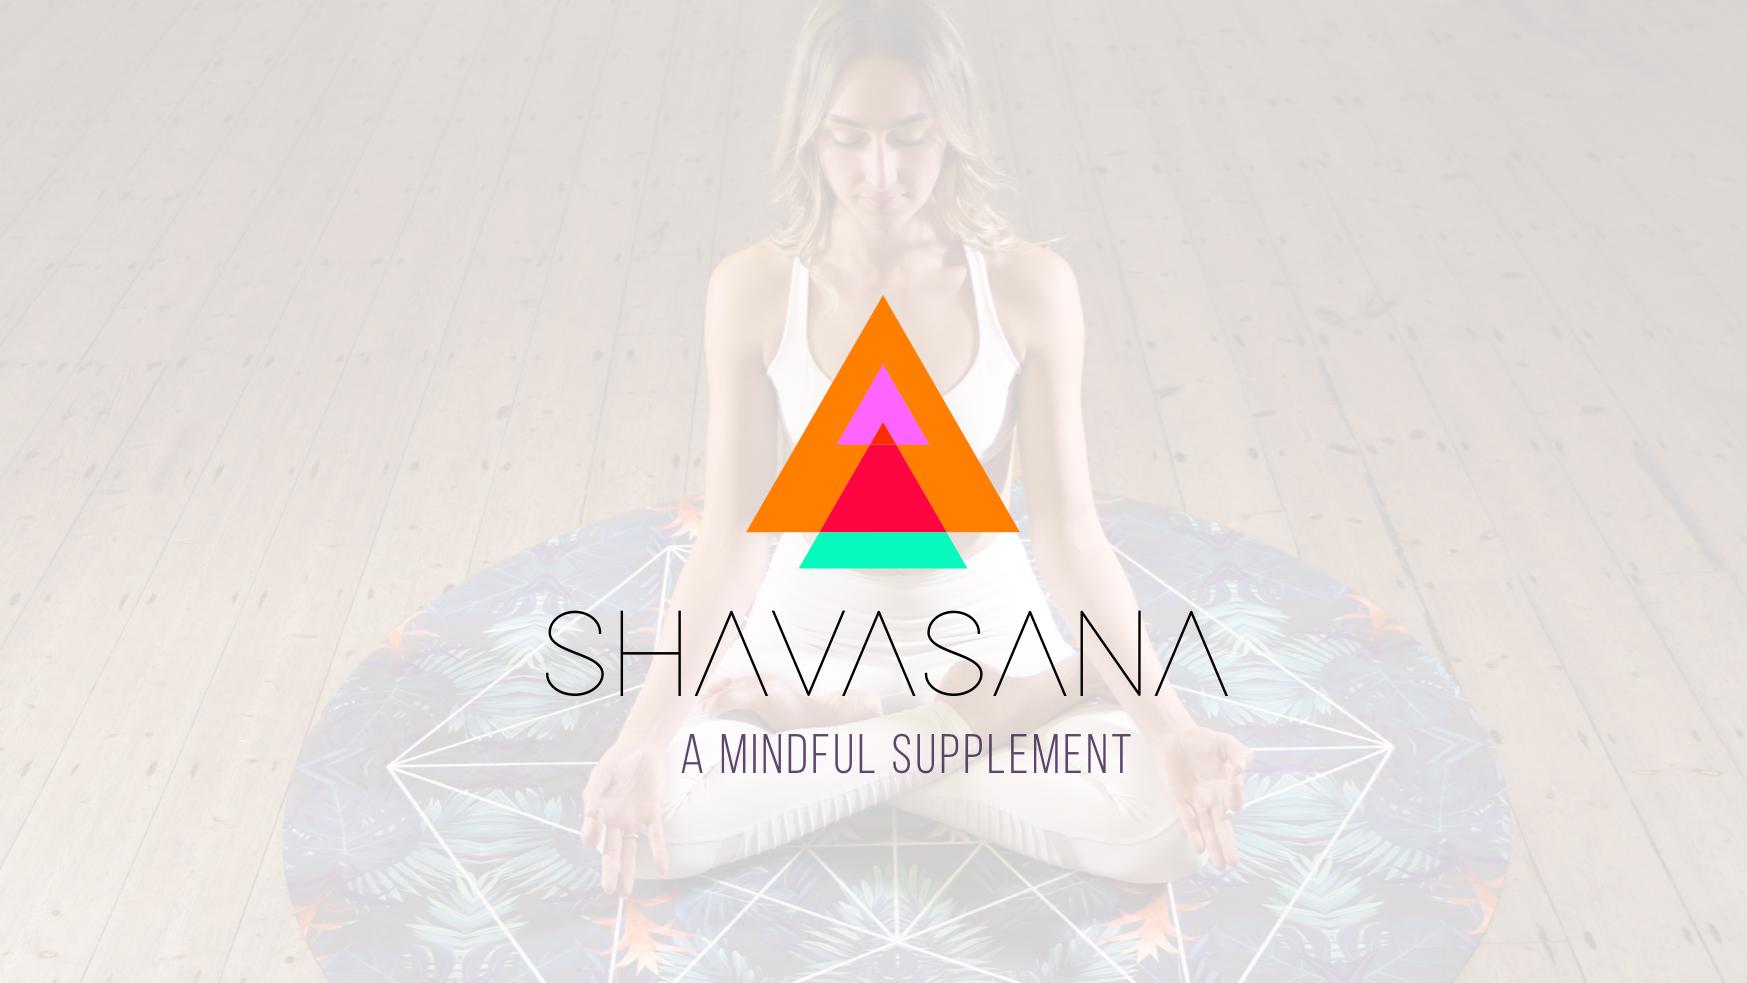 ShavasanaHeader